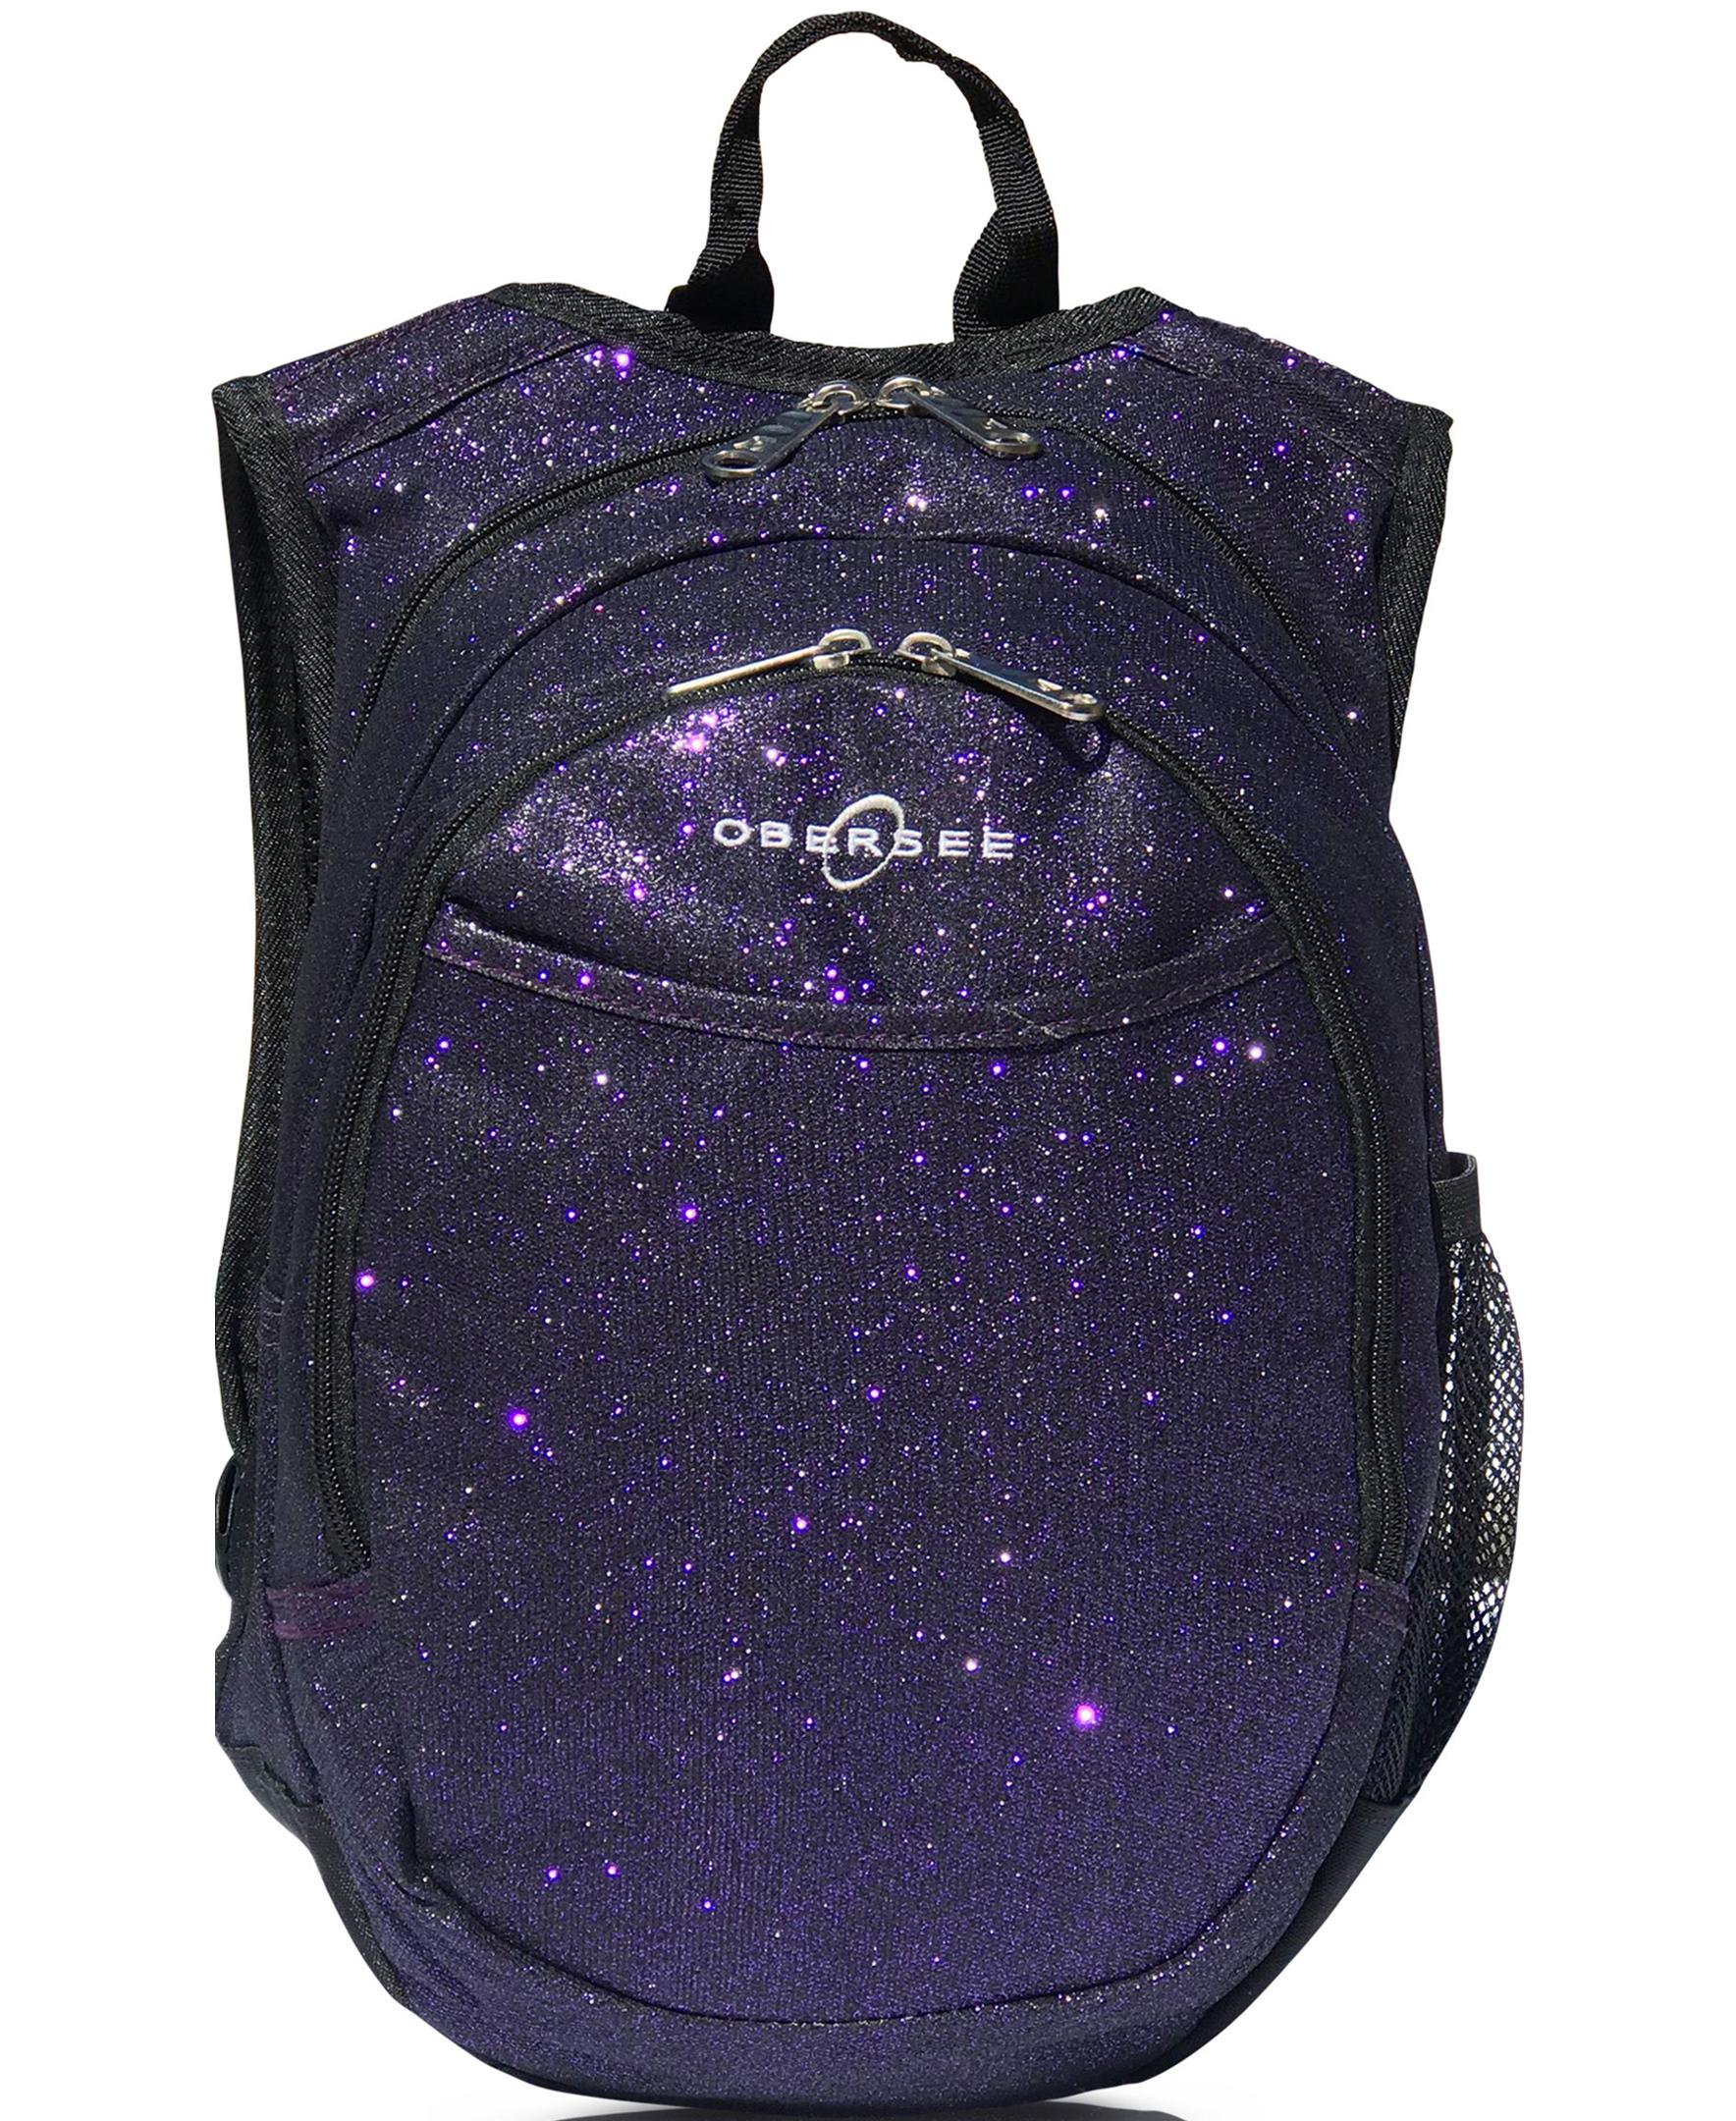 Obersee Mini Preschool Backpack